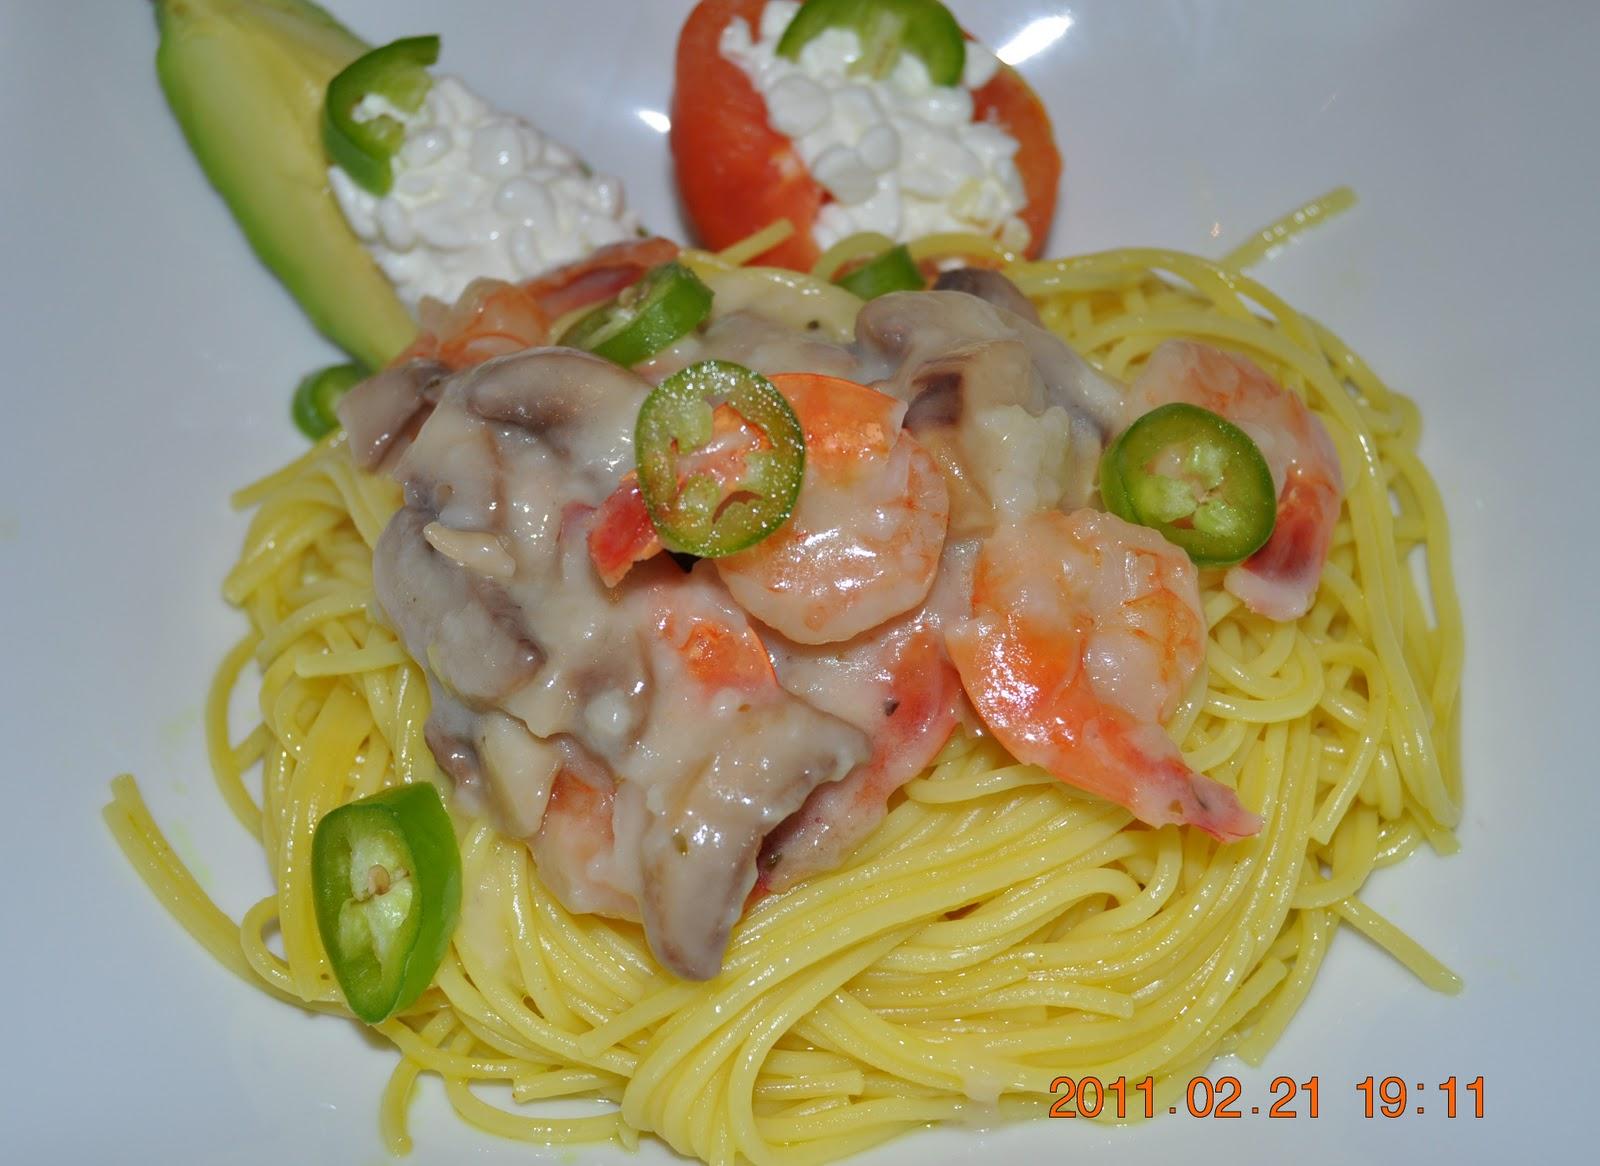 لذت لذت آشپزی: اسپاگتی با میگو قارچ